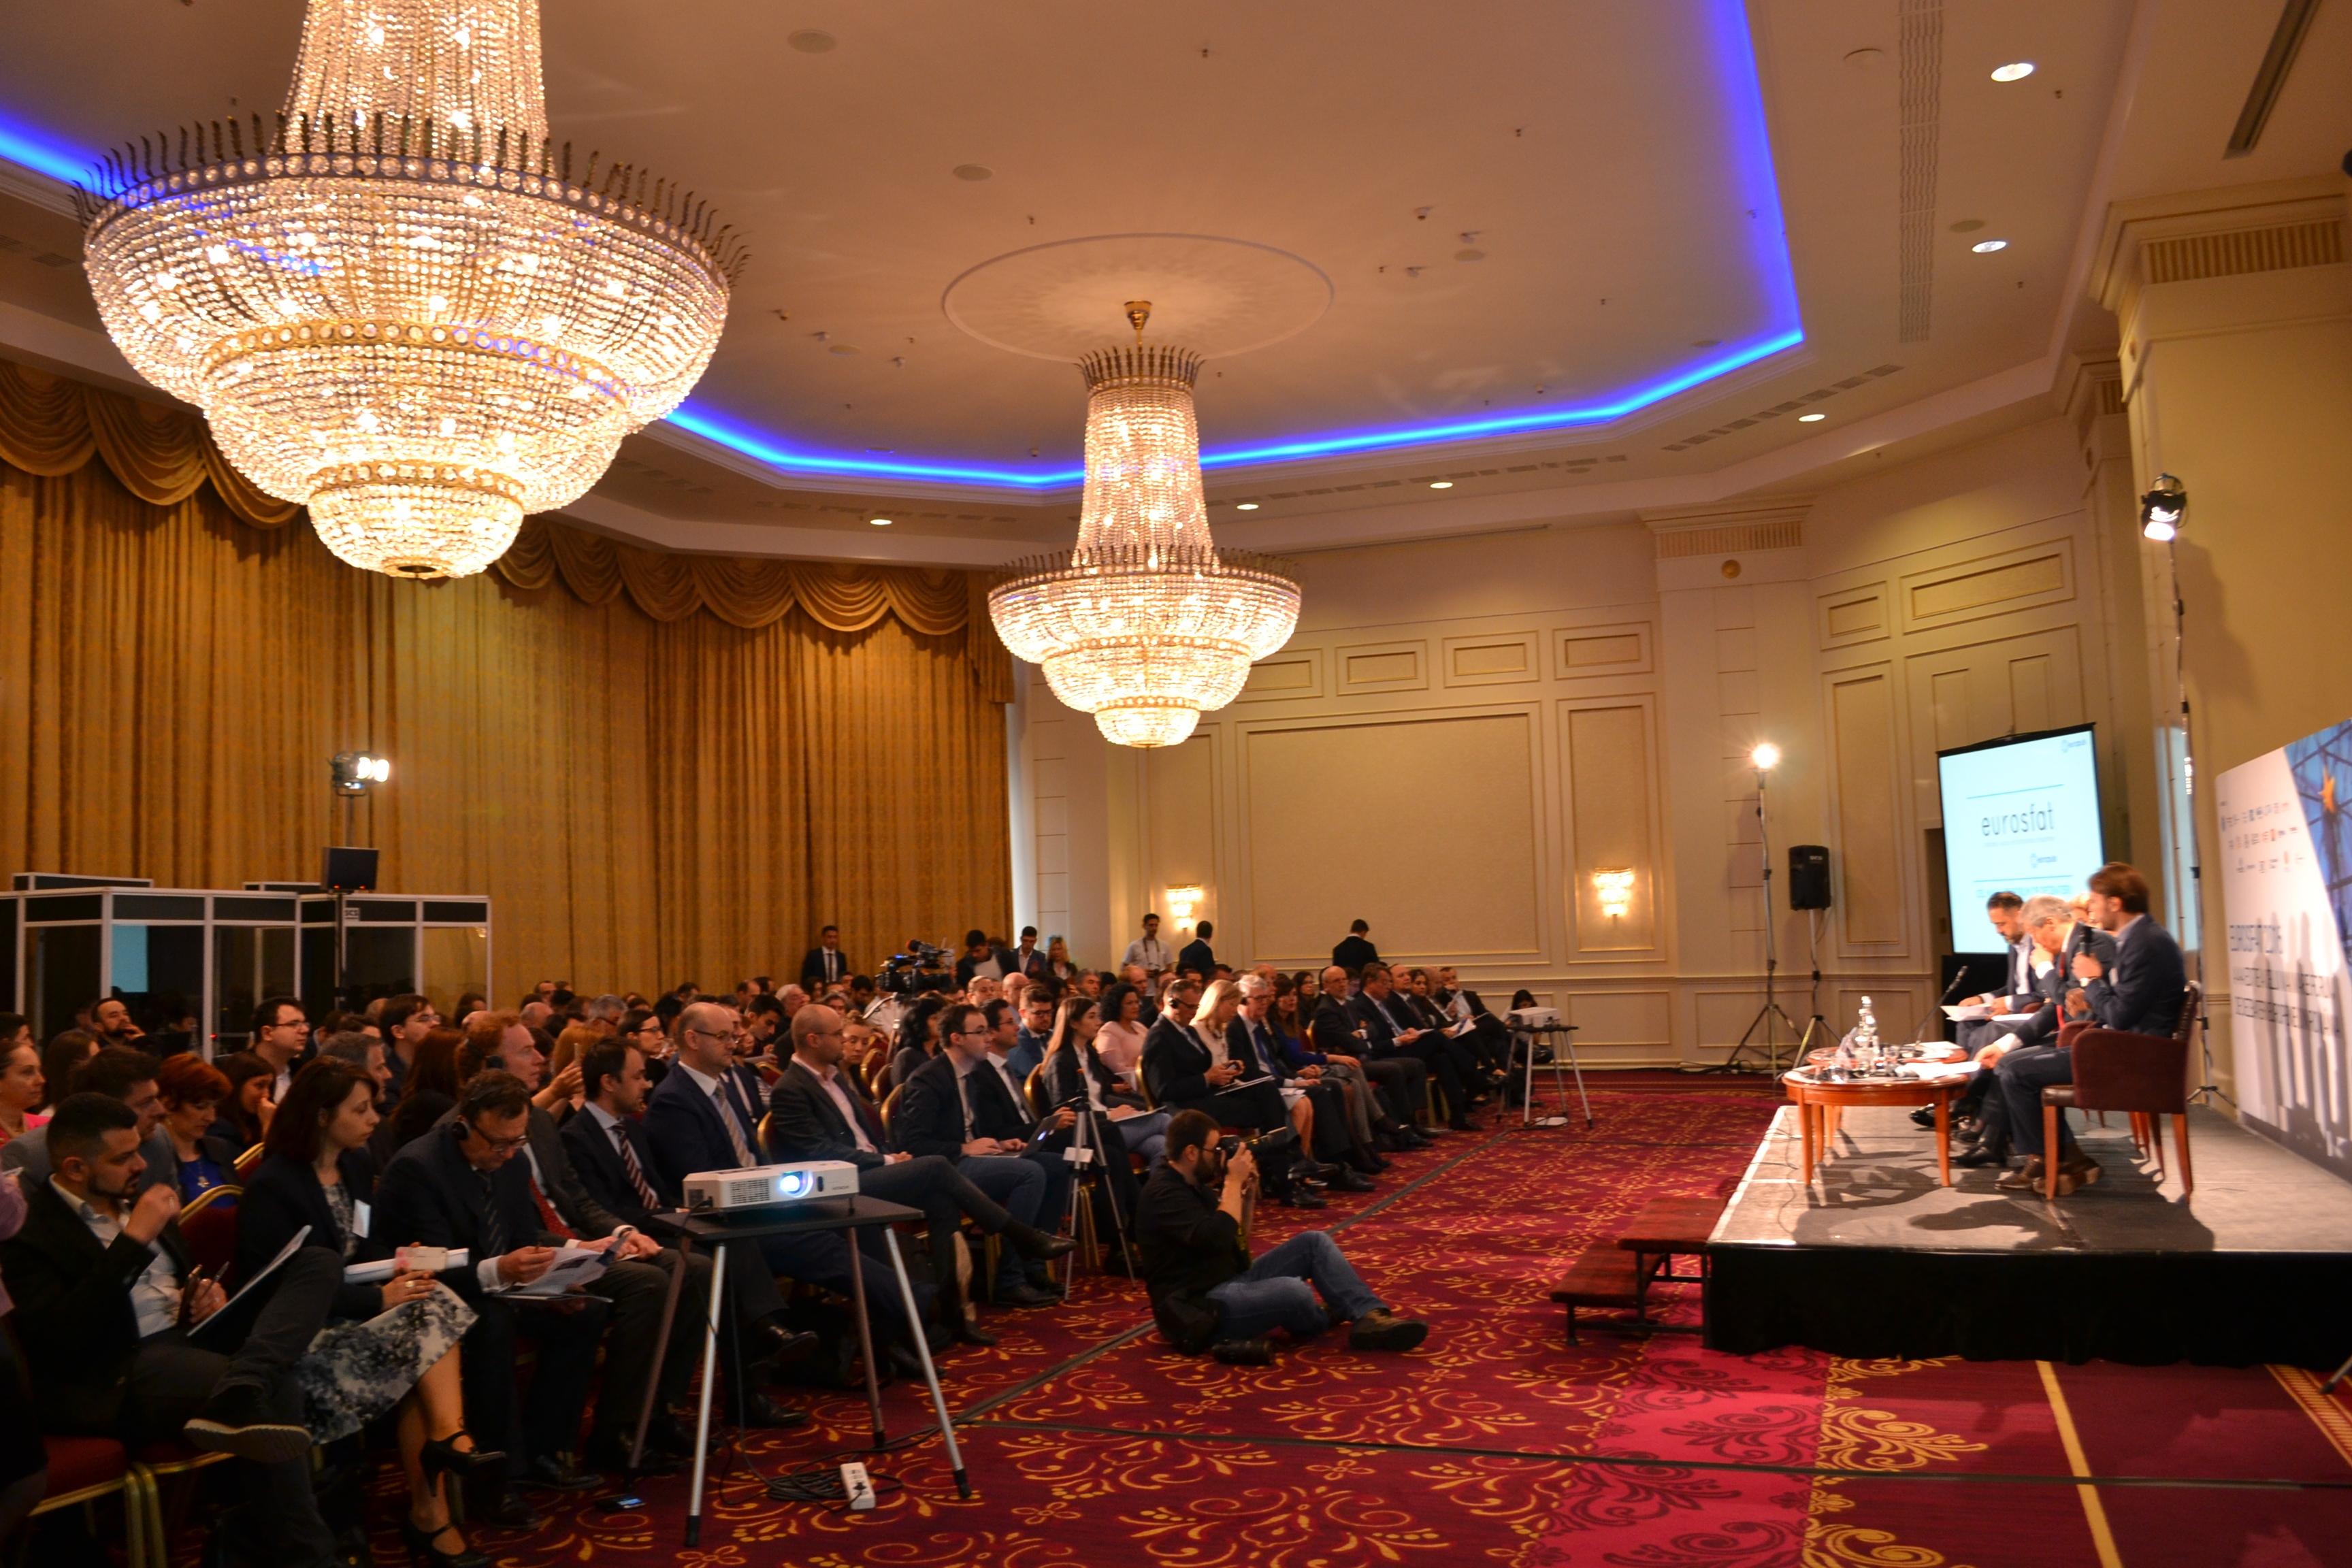 Dosar de presă – cea de-a 4-a ediție a Forumului Eurosfat 2016